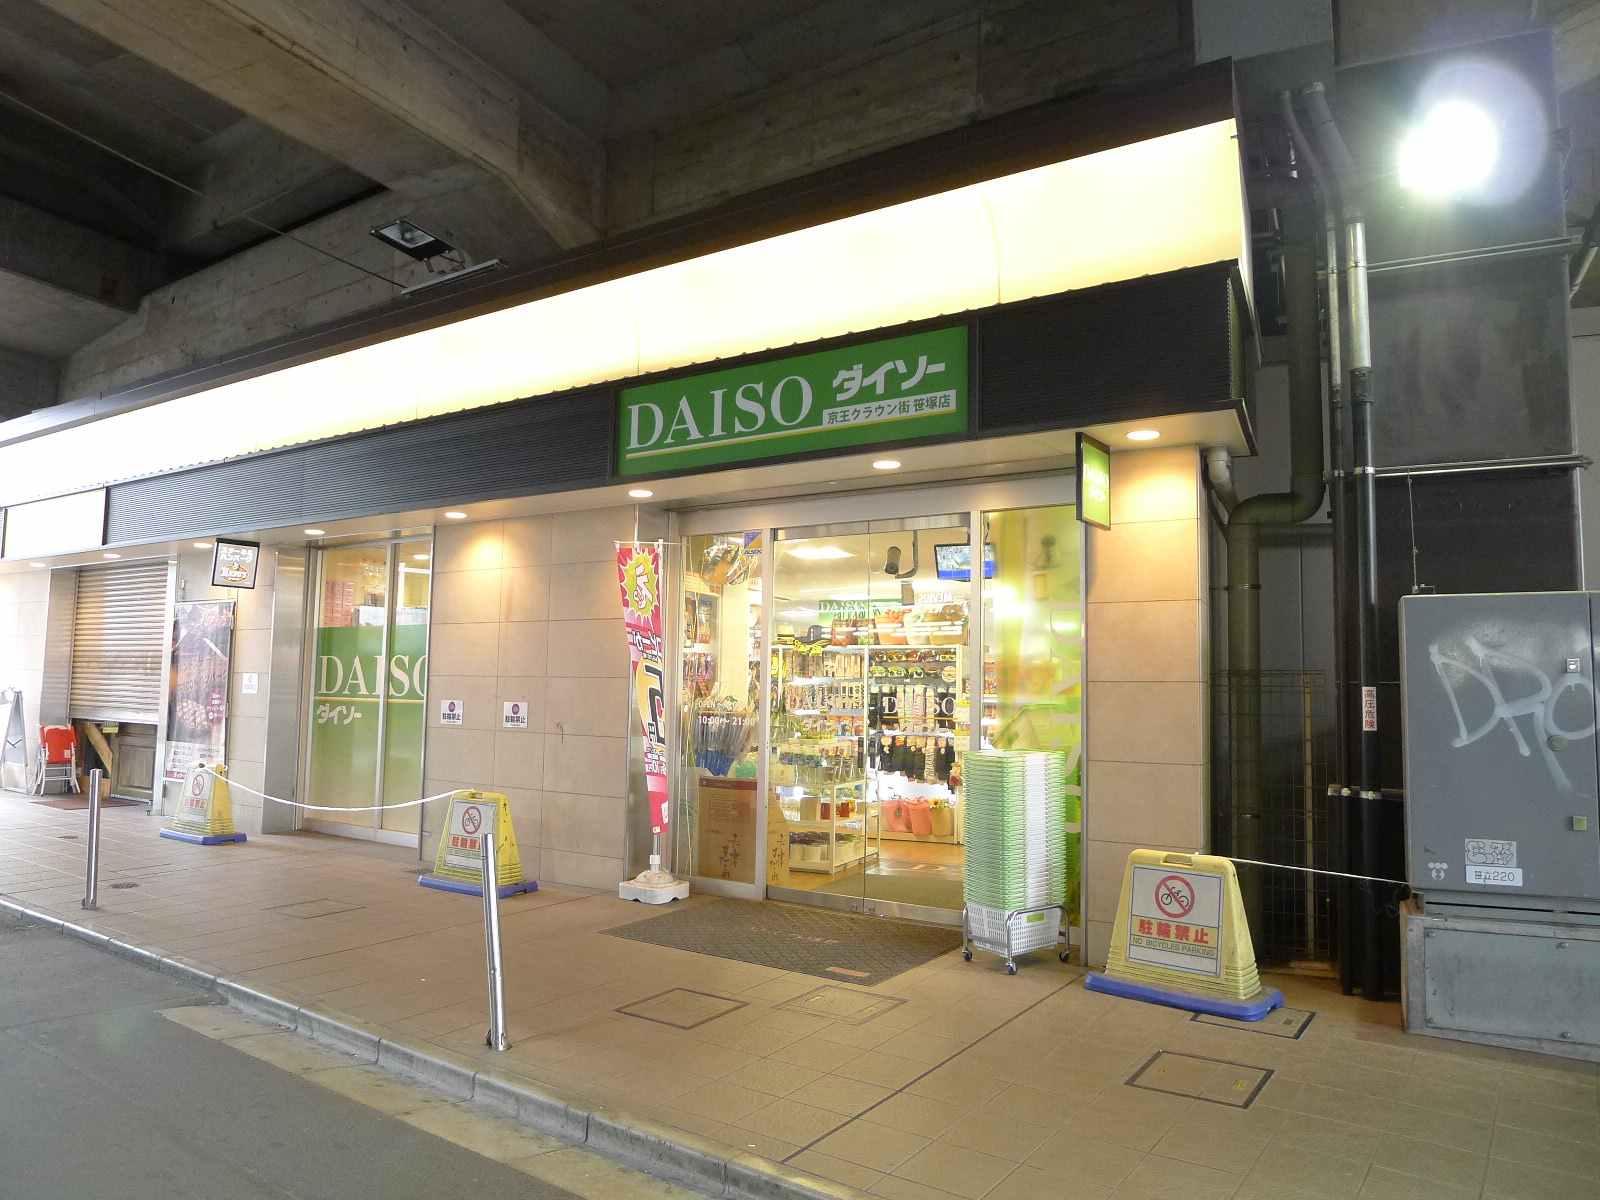 ショッピング施設:ザ・ダイソー 京王クラウン街笹塚店 575m